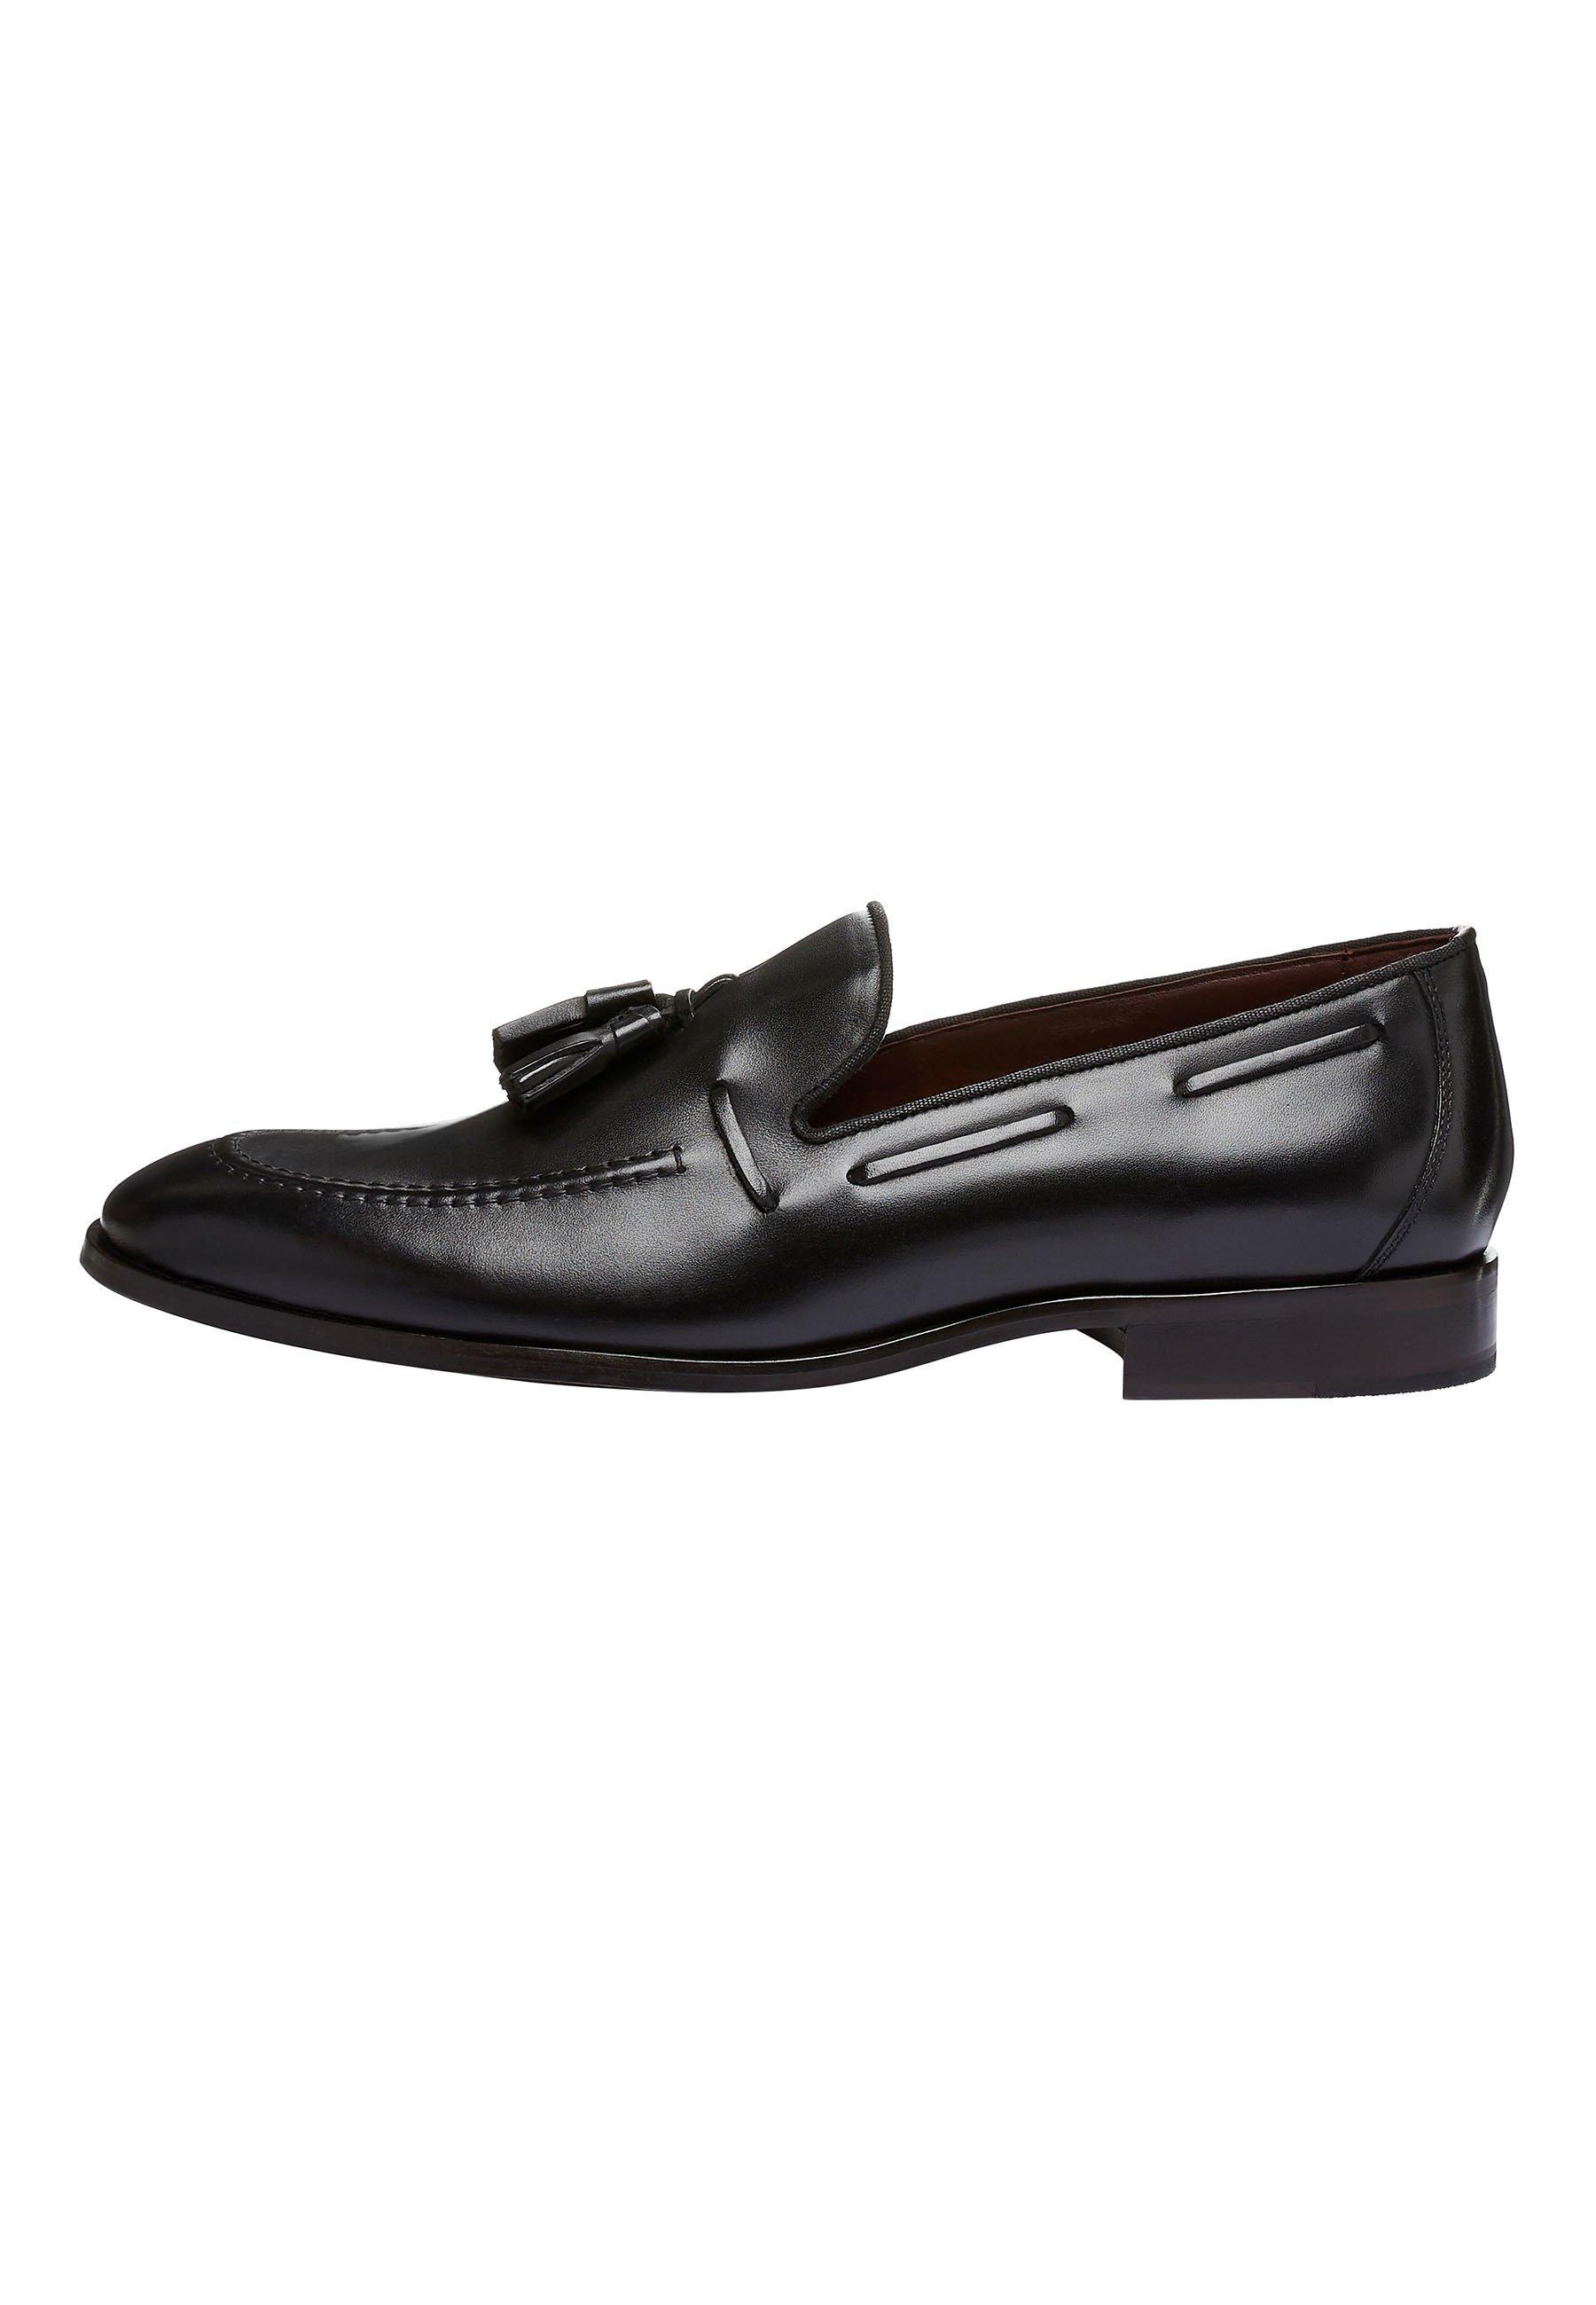 Dobra sprzedaż Najtańsze Next Eleganckie buty - black | Obuwie męskie 2020 40arA